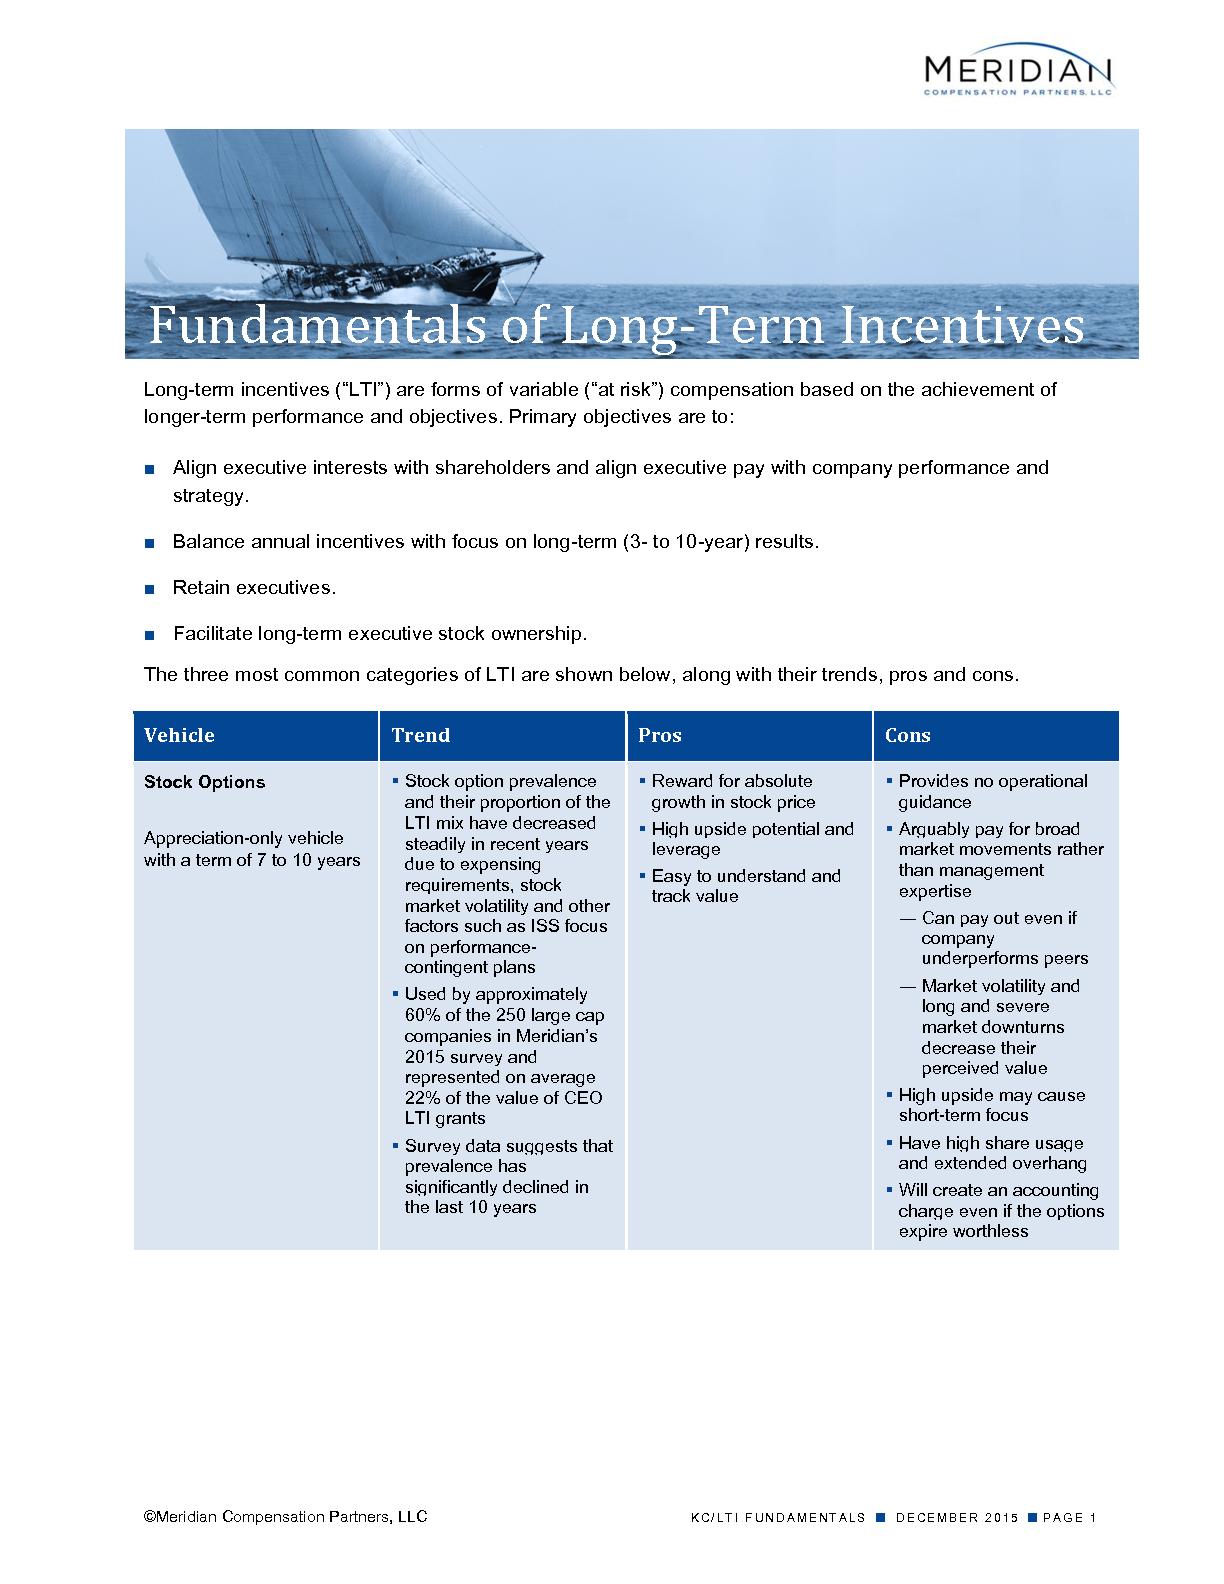 Fundamentals of Long-Term Incentives (PDF)